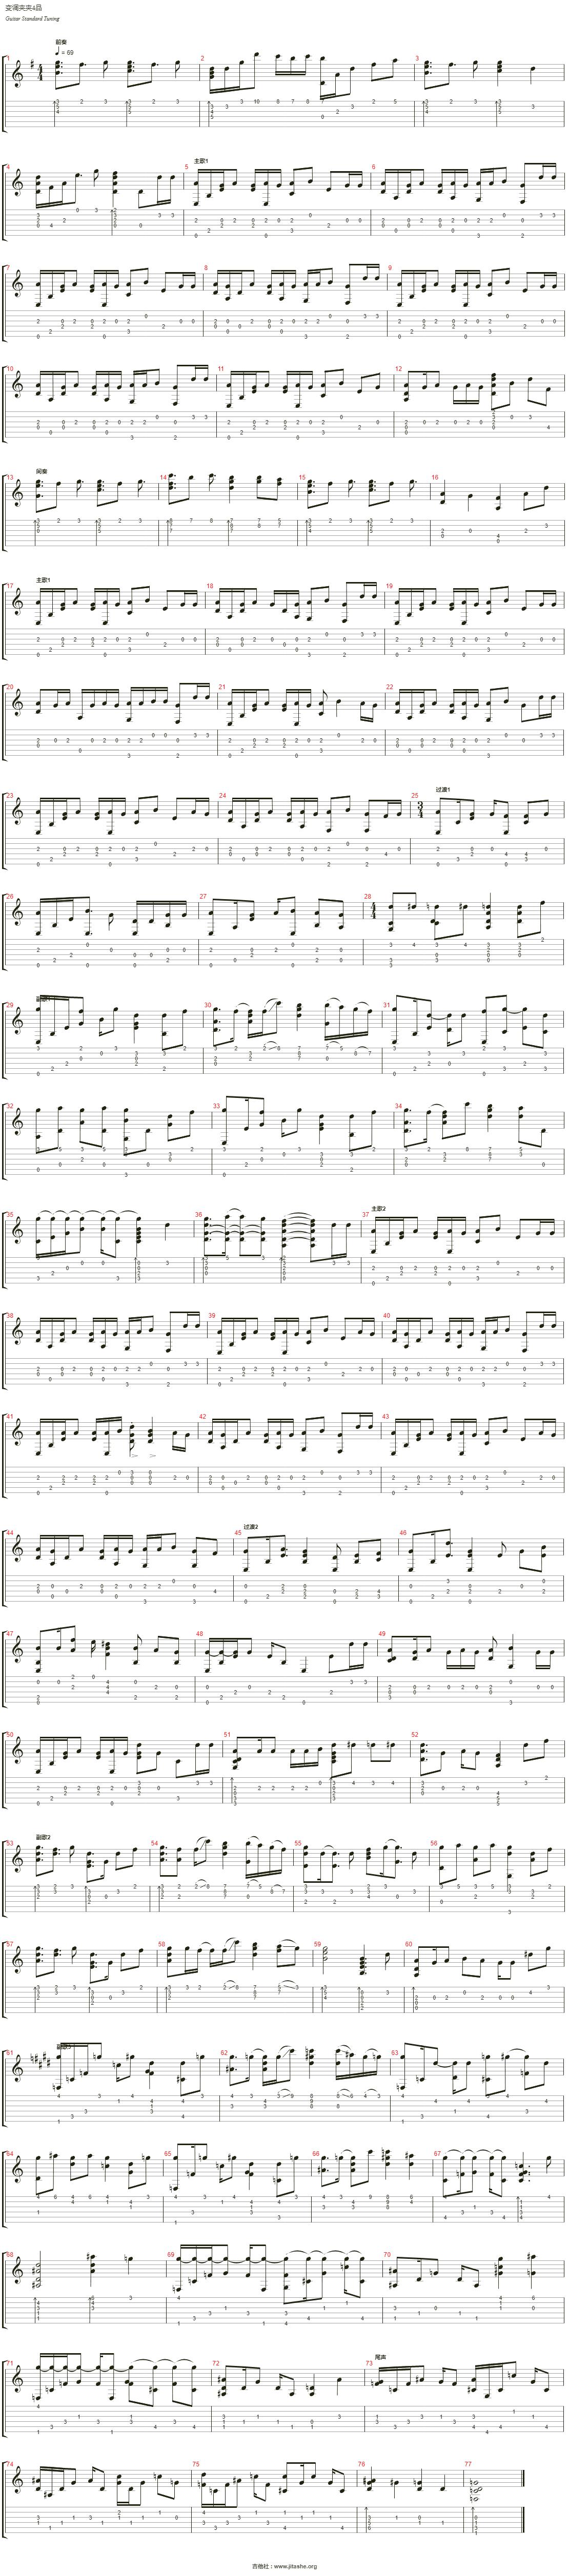 天ノ弱 (《最后的旅行》原曲)吉他谱(Solo)_鹿乃